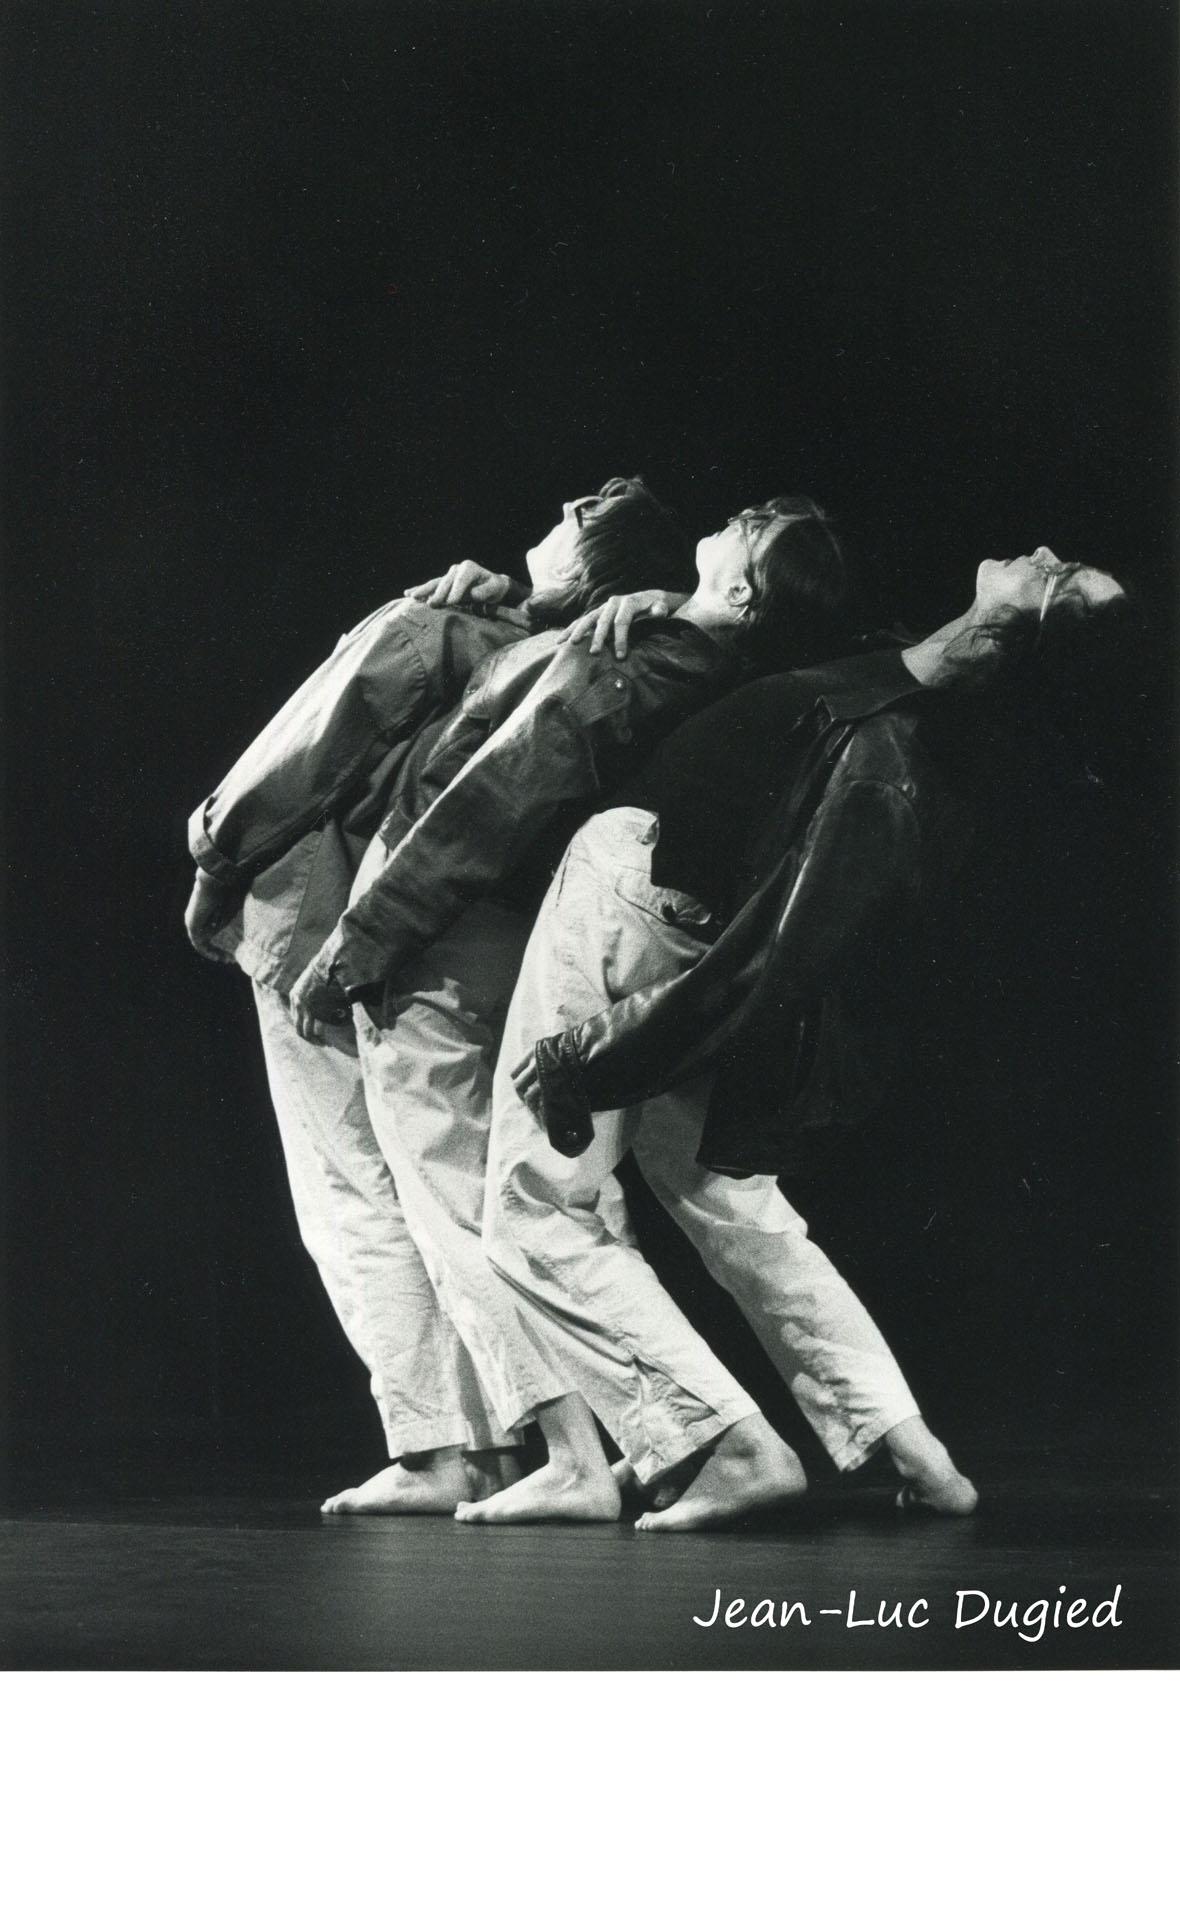 16 Delaporte Charlotte - sogni d'oro - Cécile Borne, Emmanuelle Bloy et Myriam Seiller - 1985